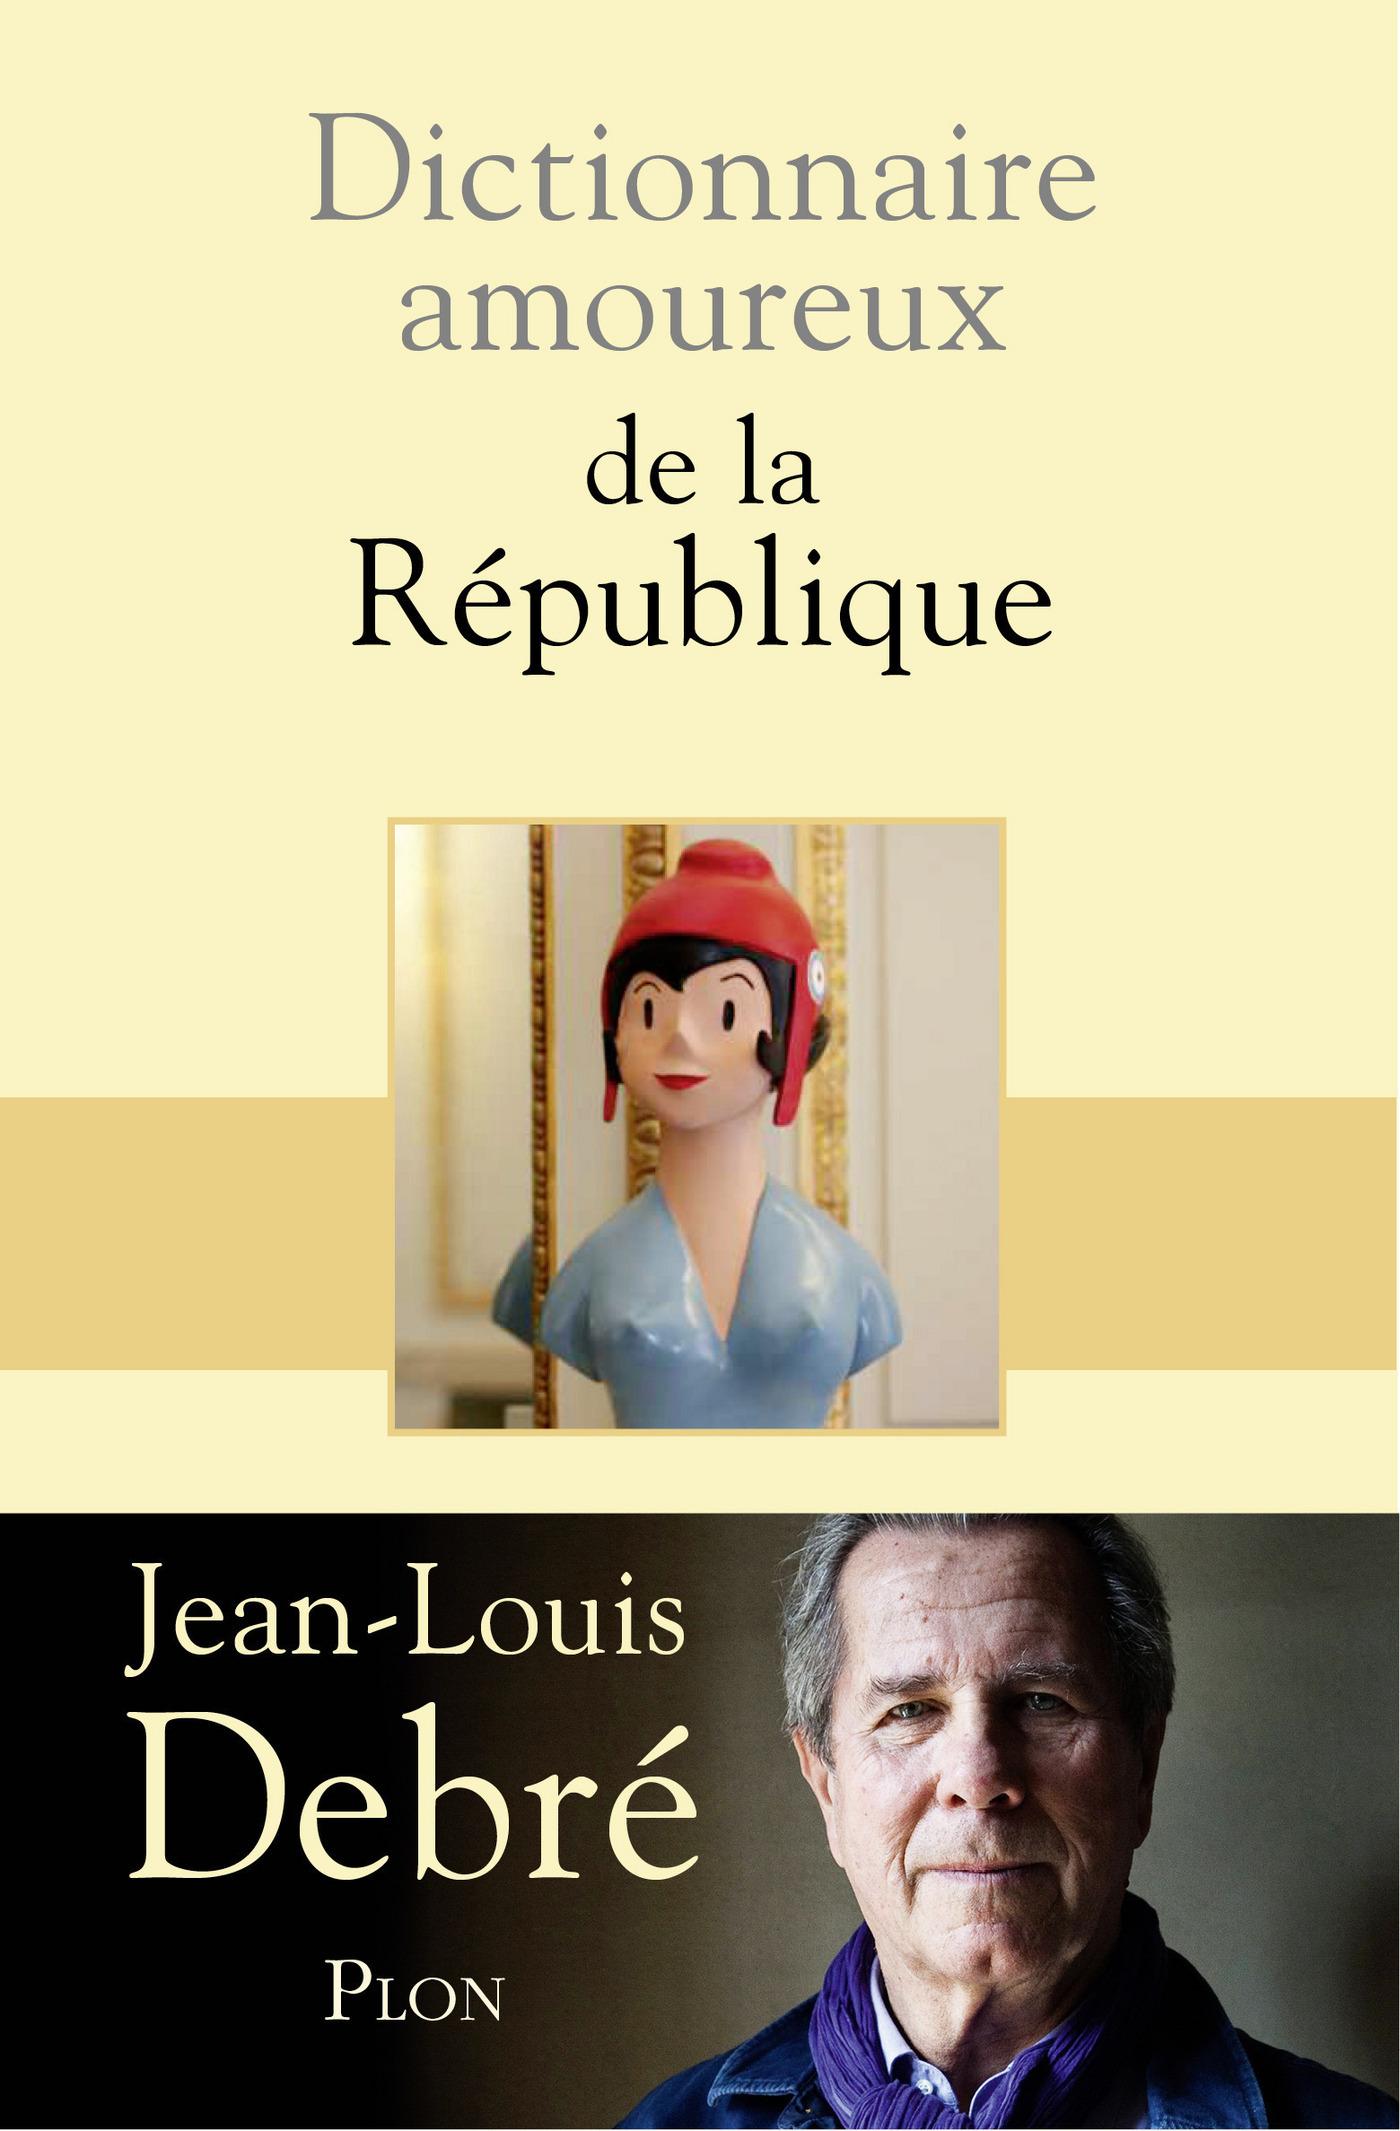 Dictionnaire amoureux de la République